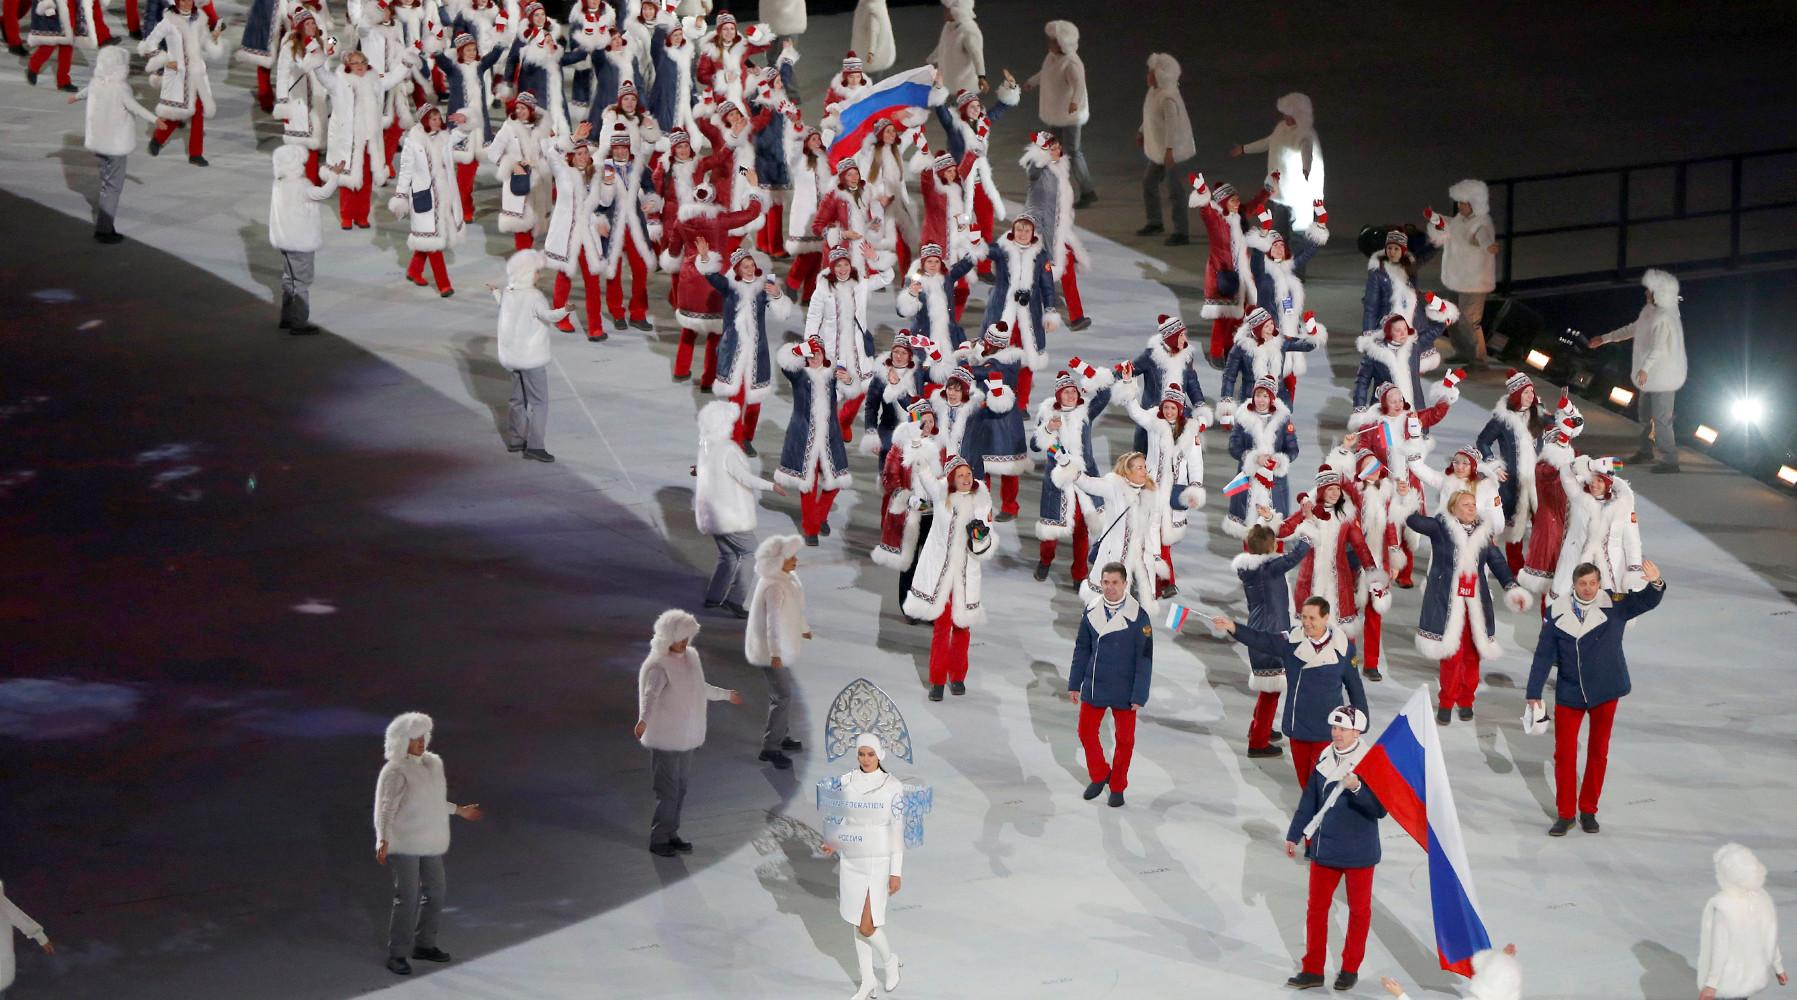 Как сотрудники завода восприняли решение В.Путина баллотироваться